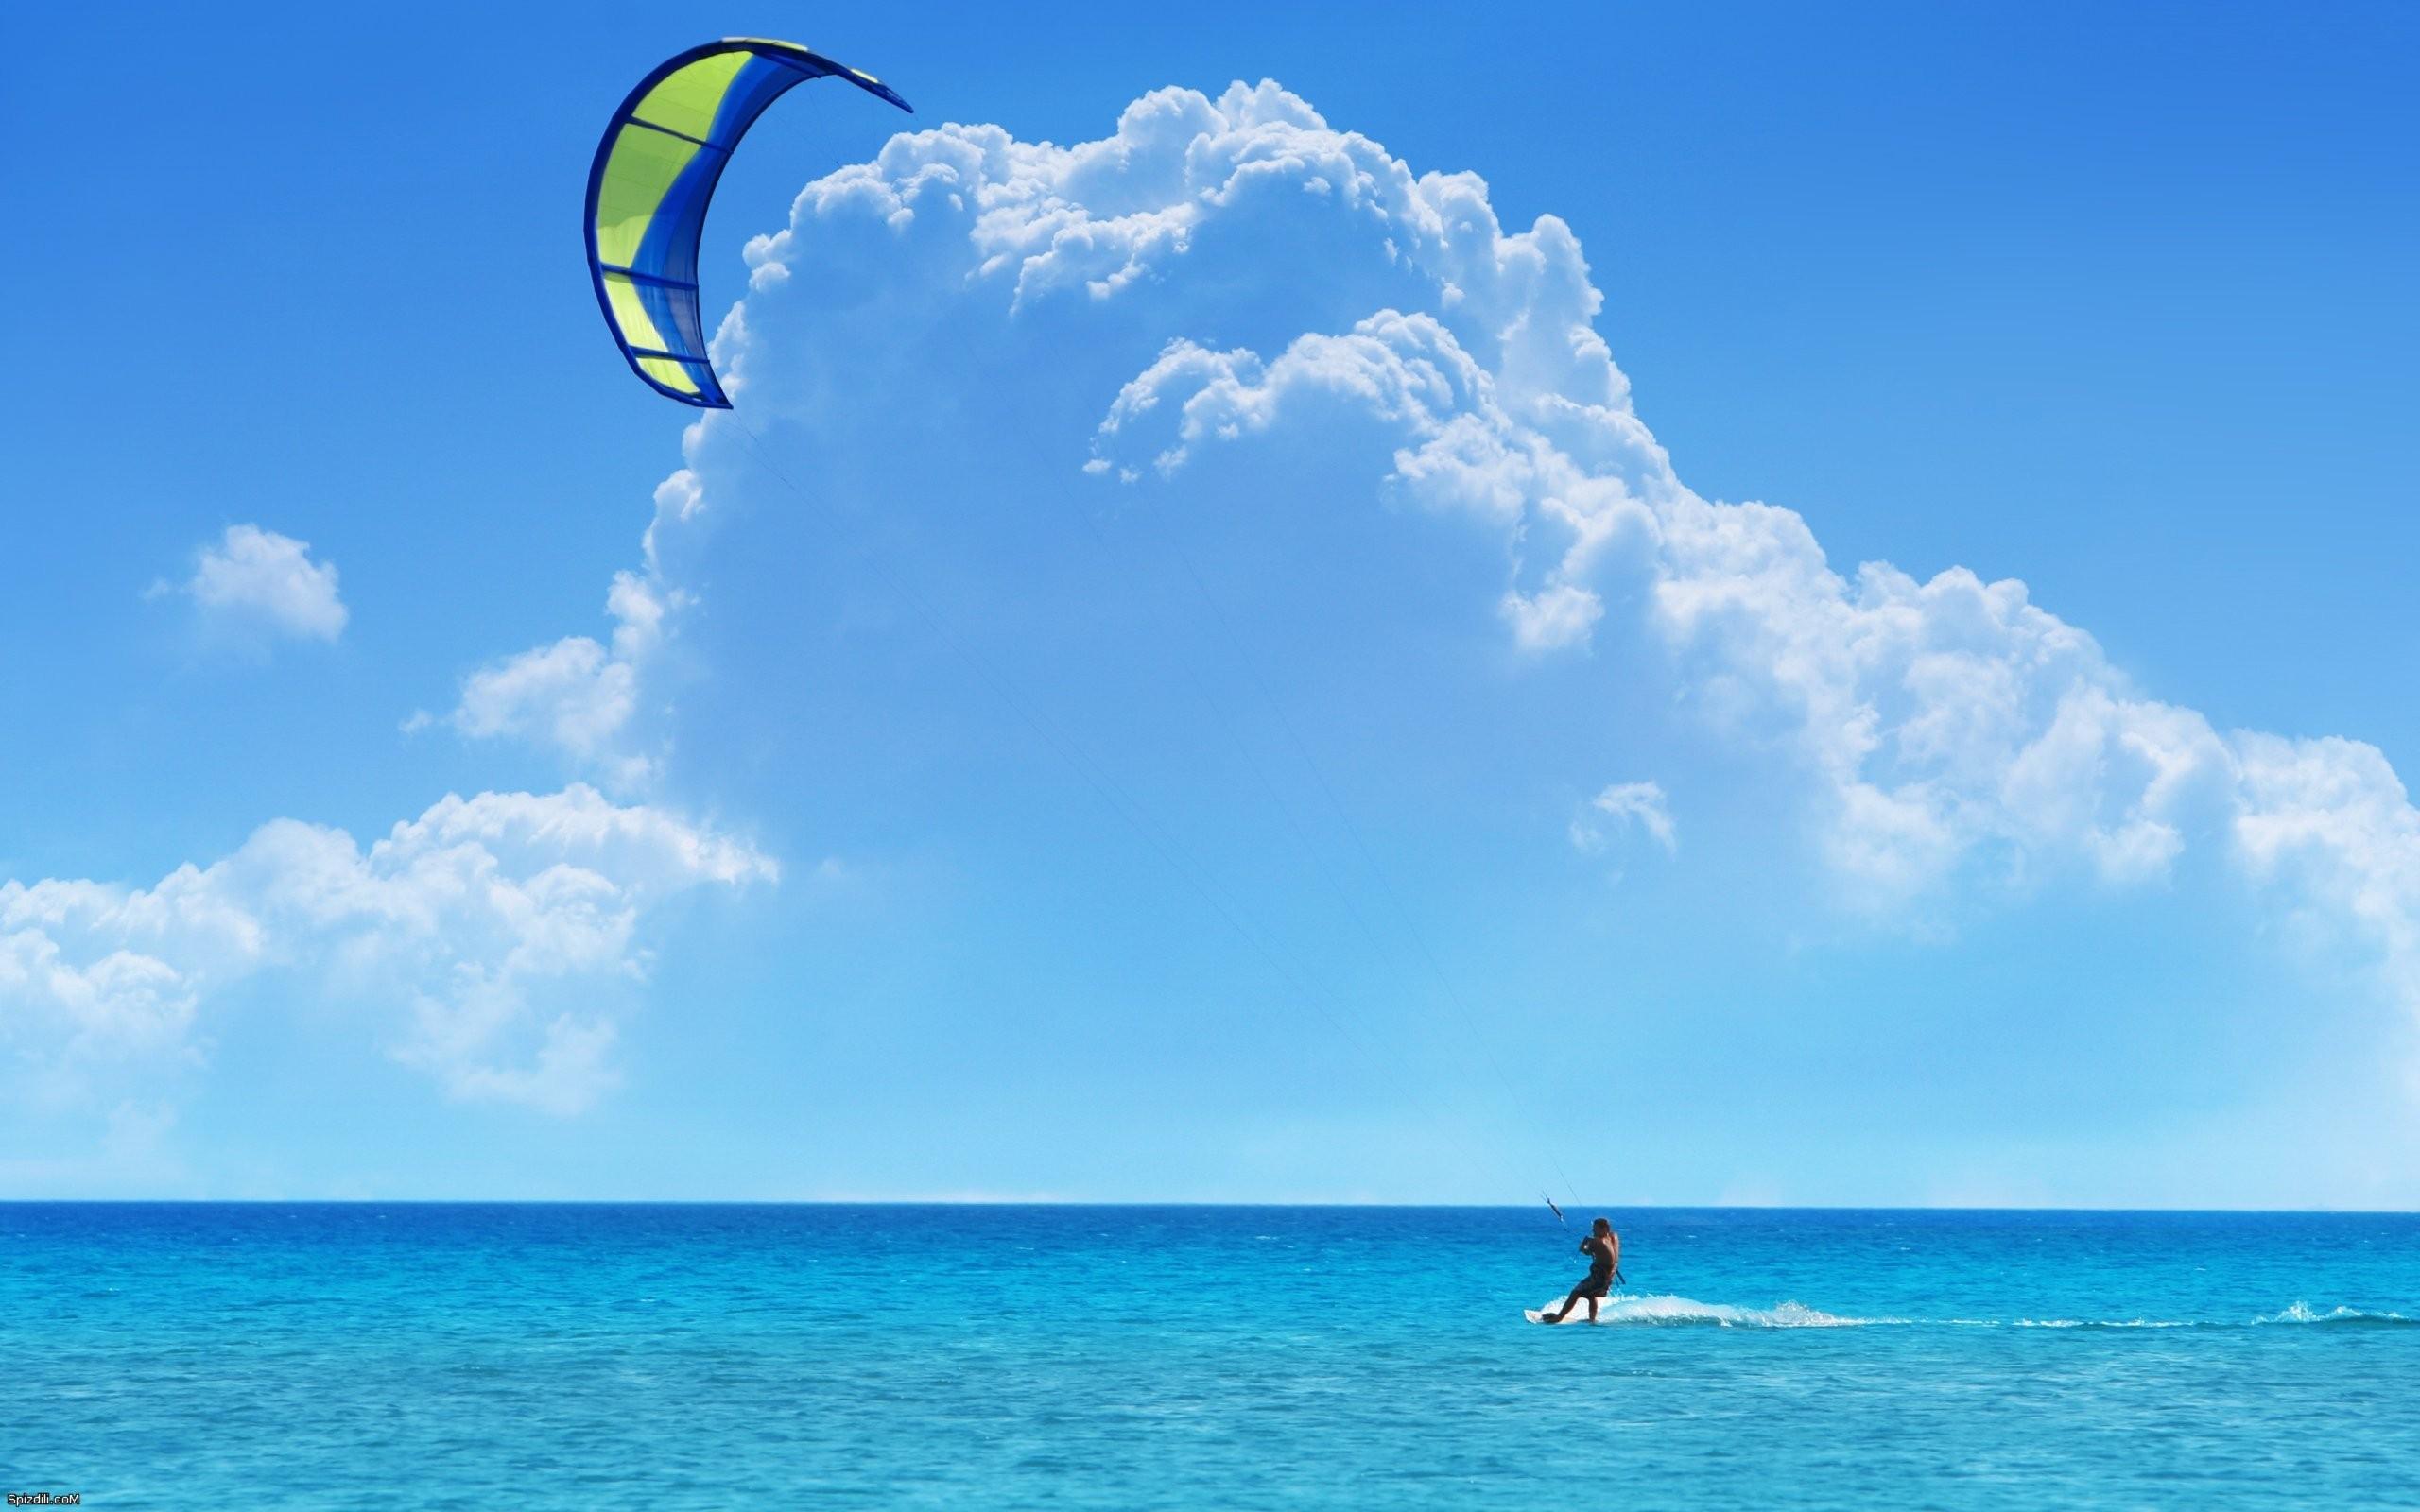 Kite Surfing - 2560x1600